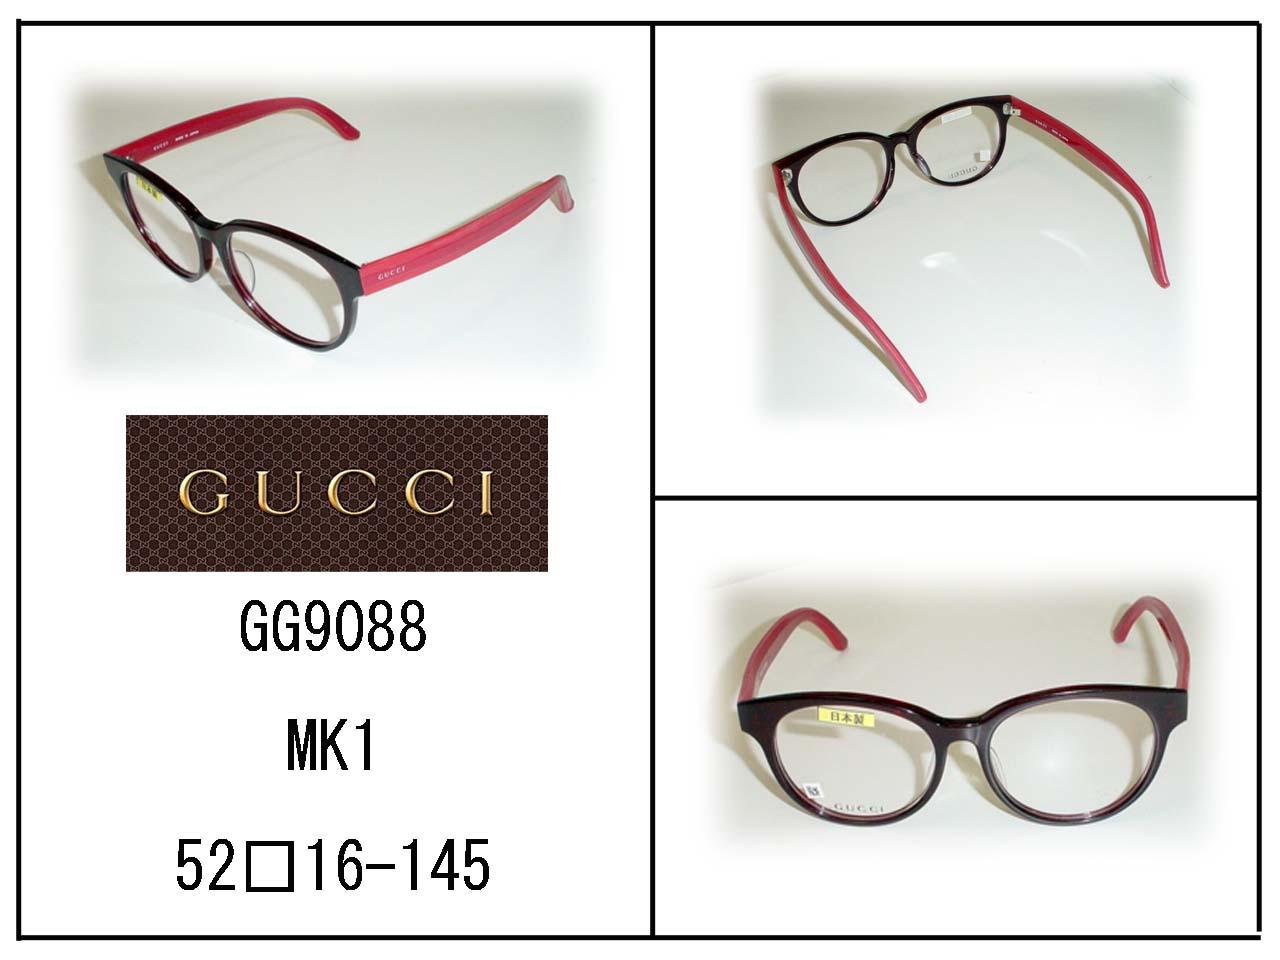 超薄型非球面レンズ付  ★★GUCCI★★   GG9088/MK1